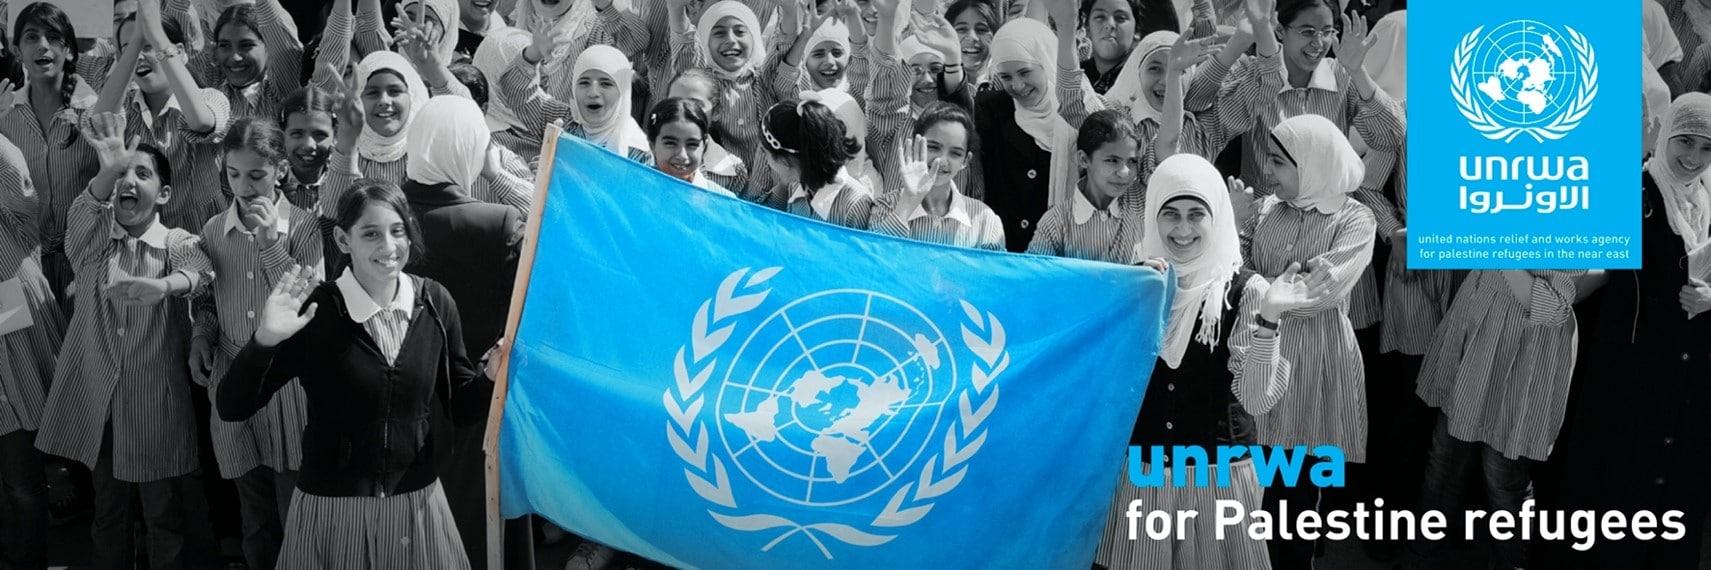 UNRWA banner